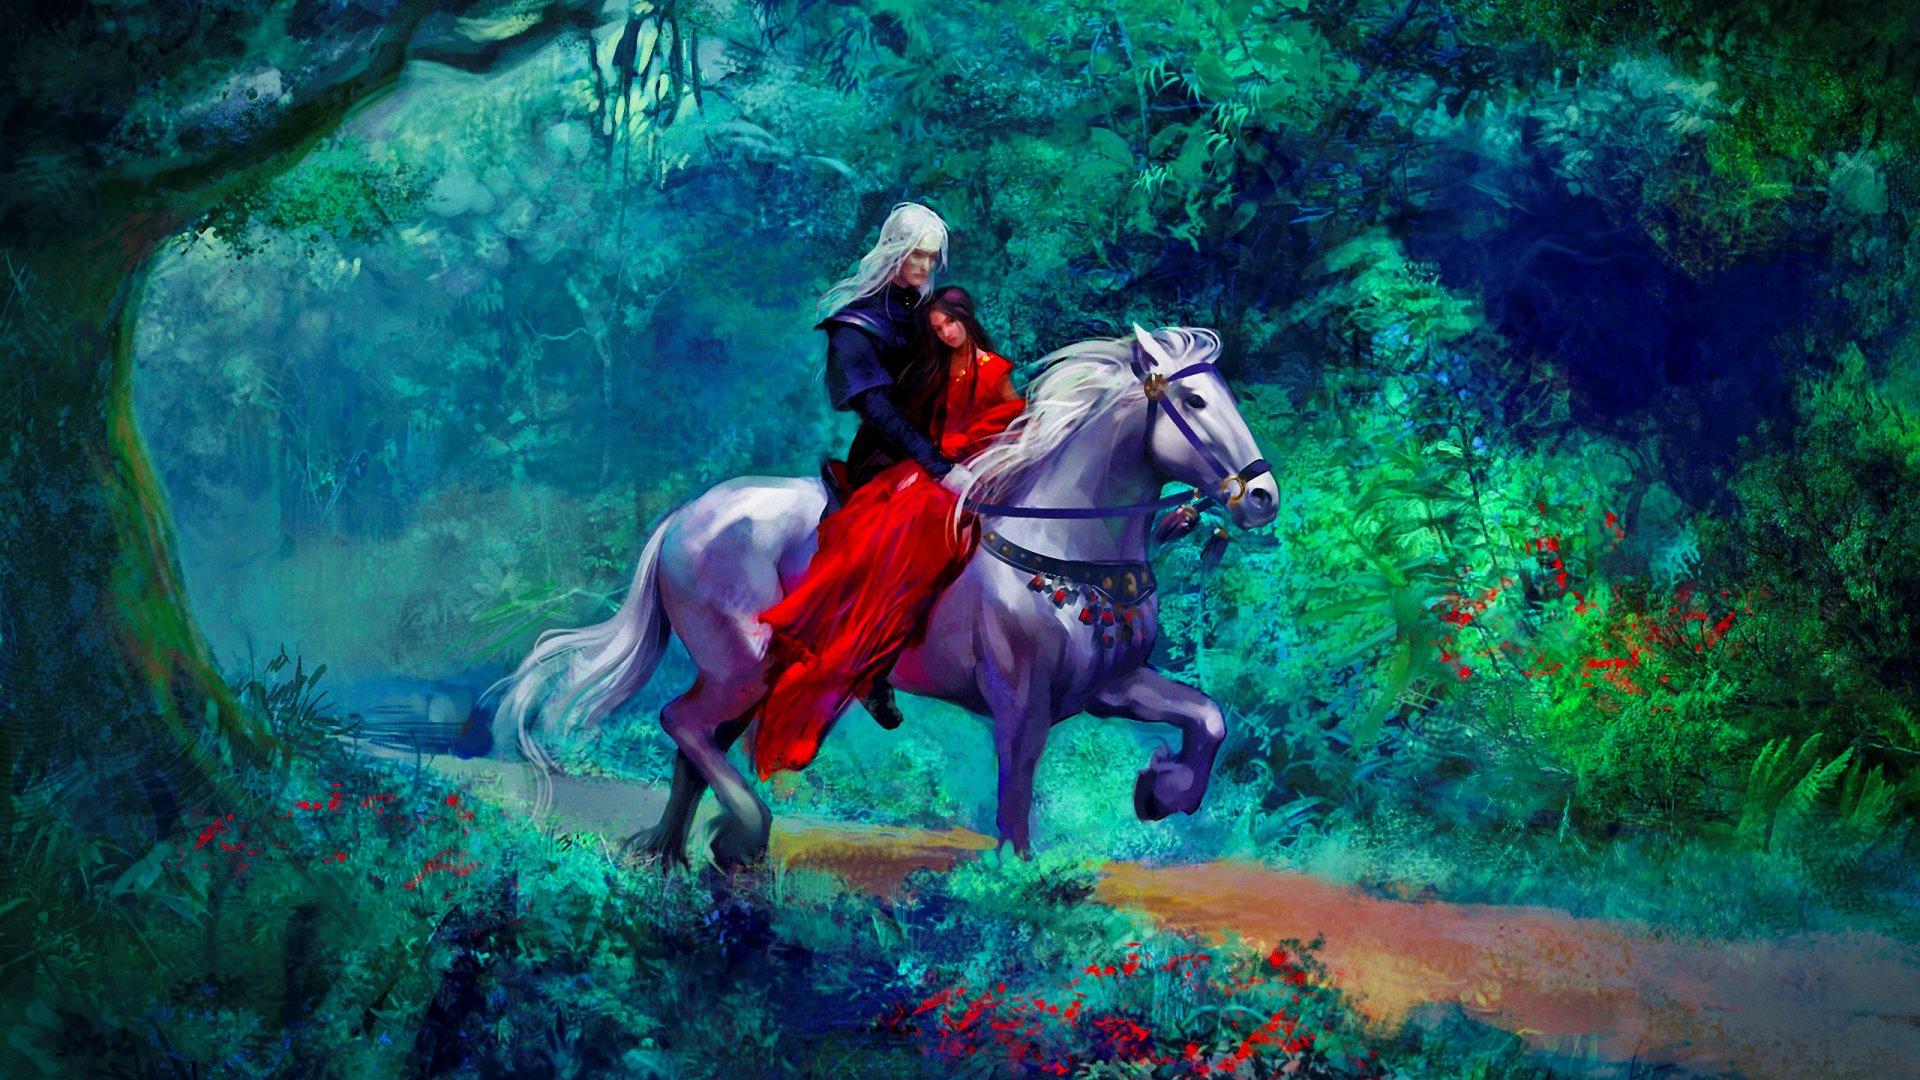 Fantasy - Love  Artistic Fantasy Wallpaper